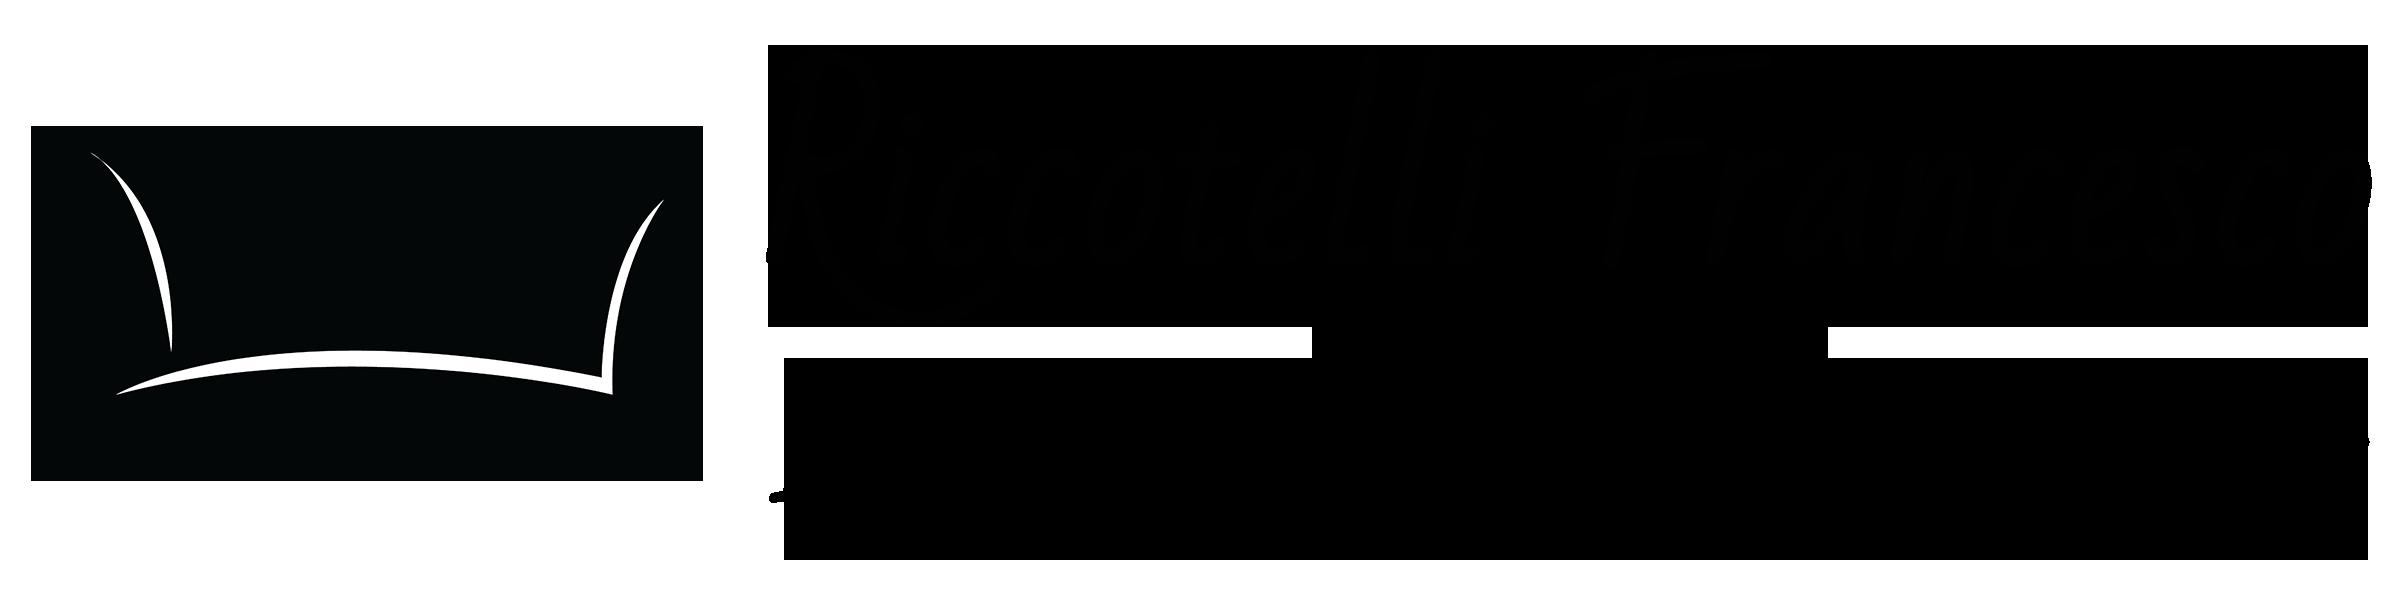 Forniture Per Tappezzieri Milano riccotelli francesco - il tappezziere con la stoffa | milano